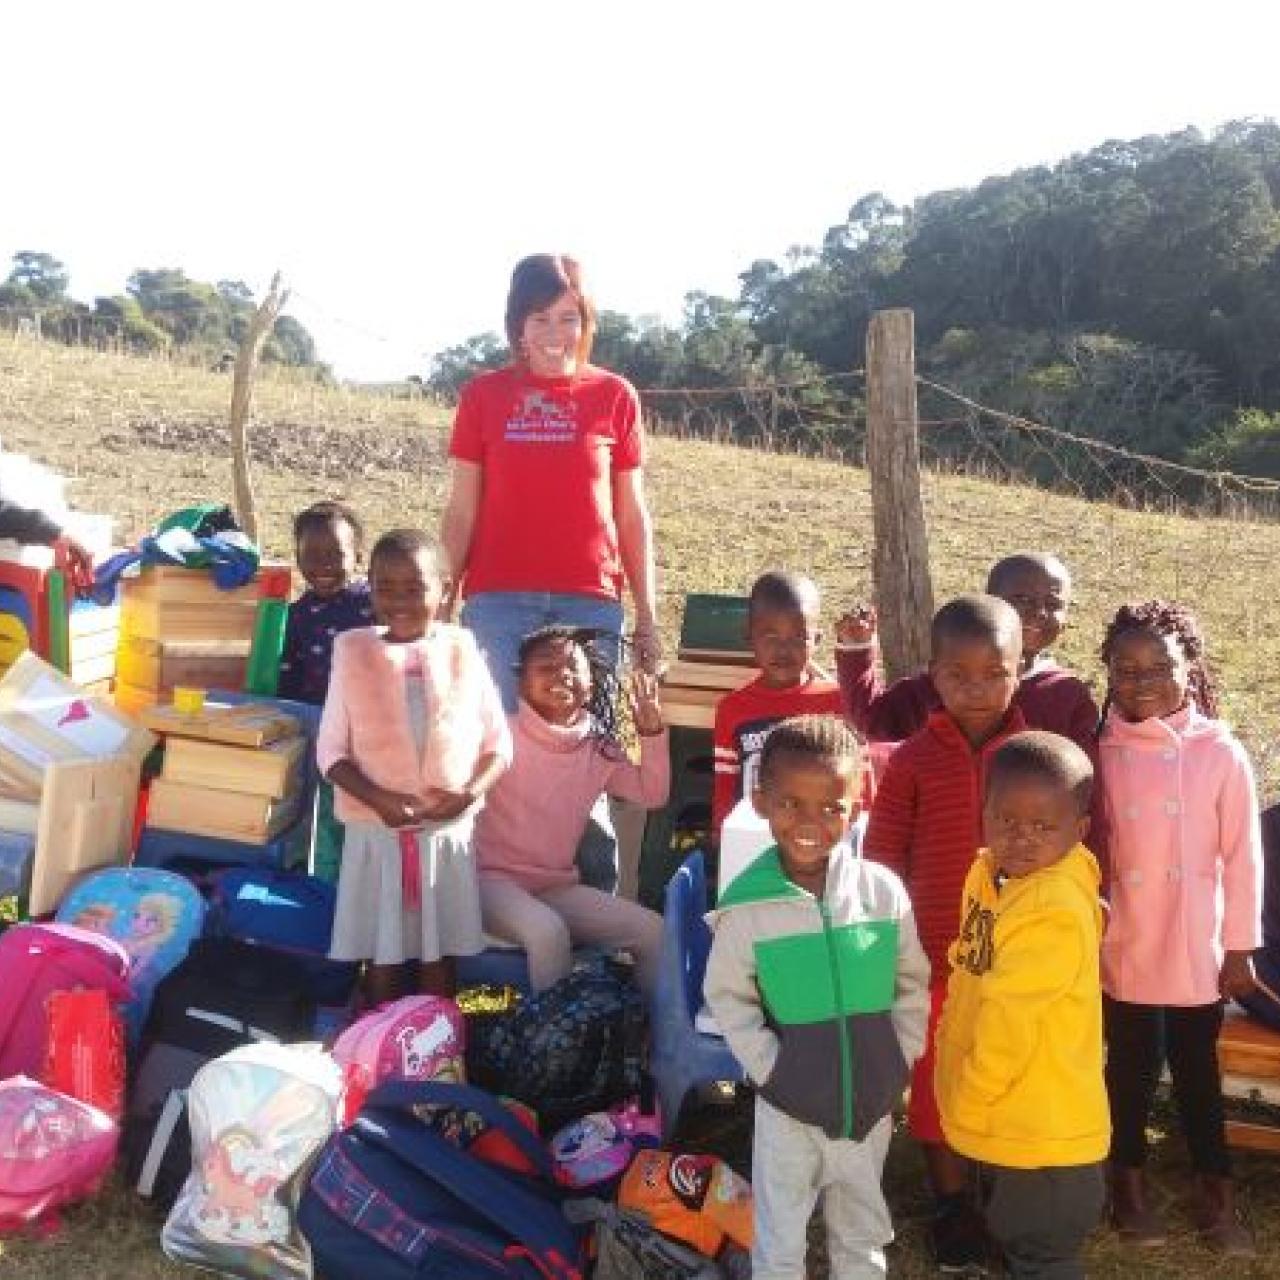 Delicia and family from Garden Road Montessori